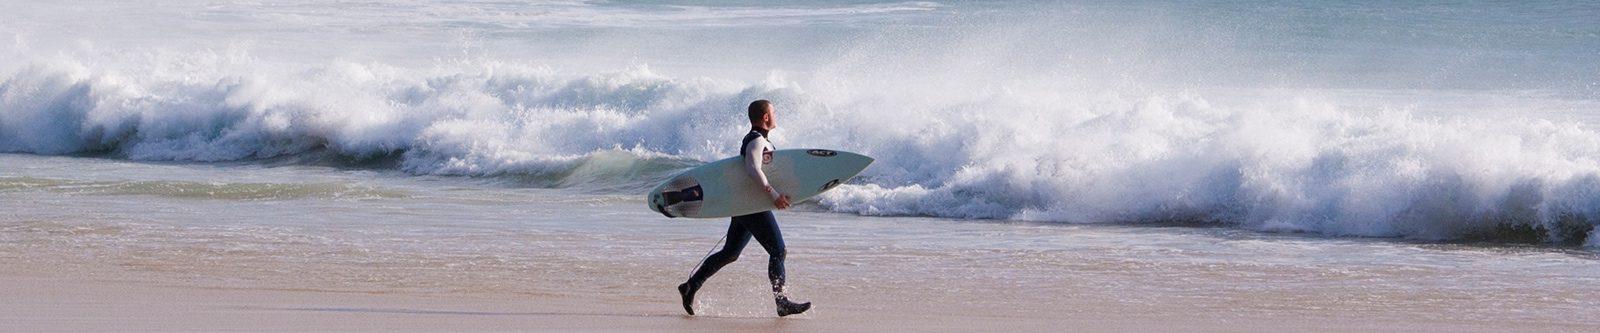 walking to surf